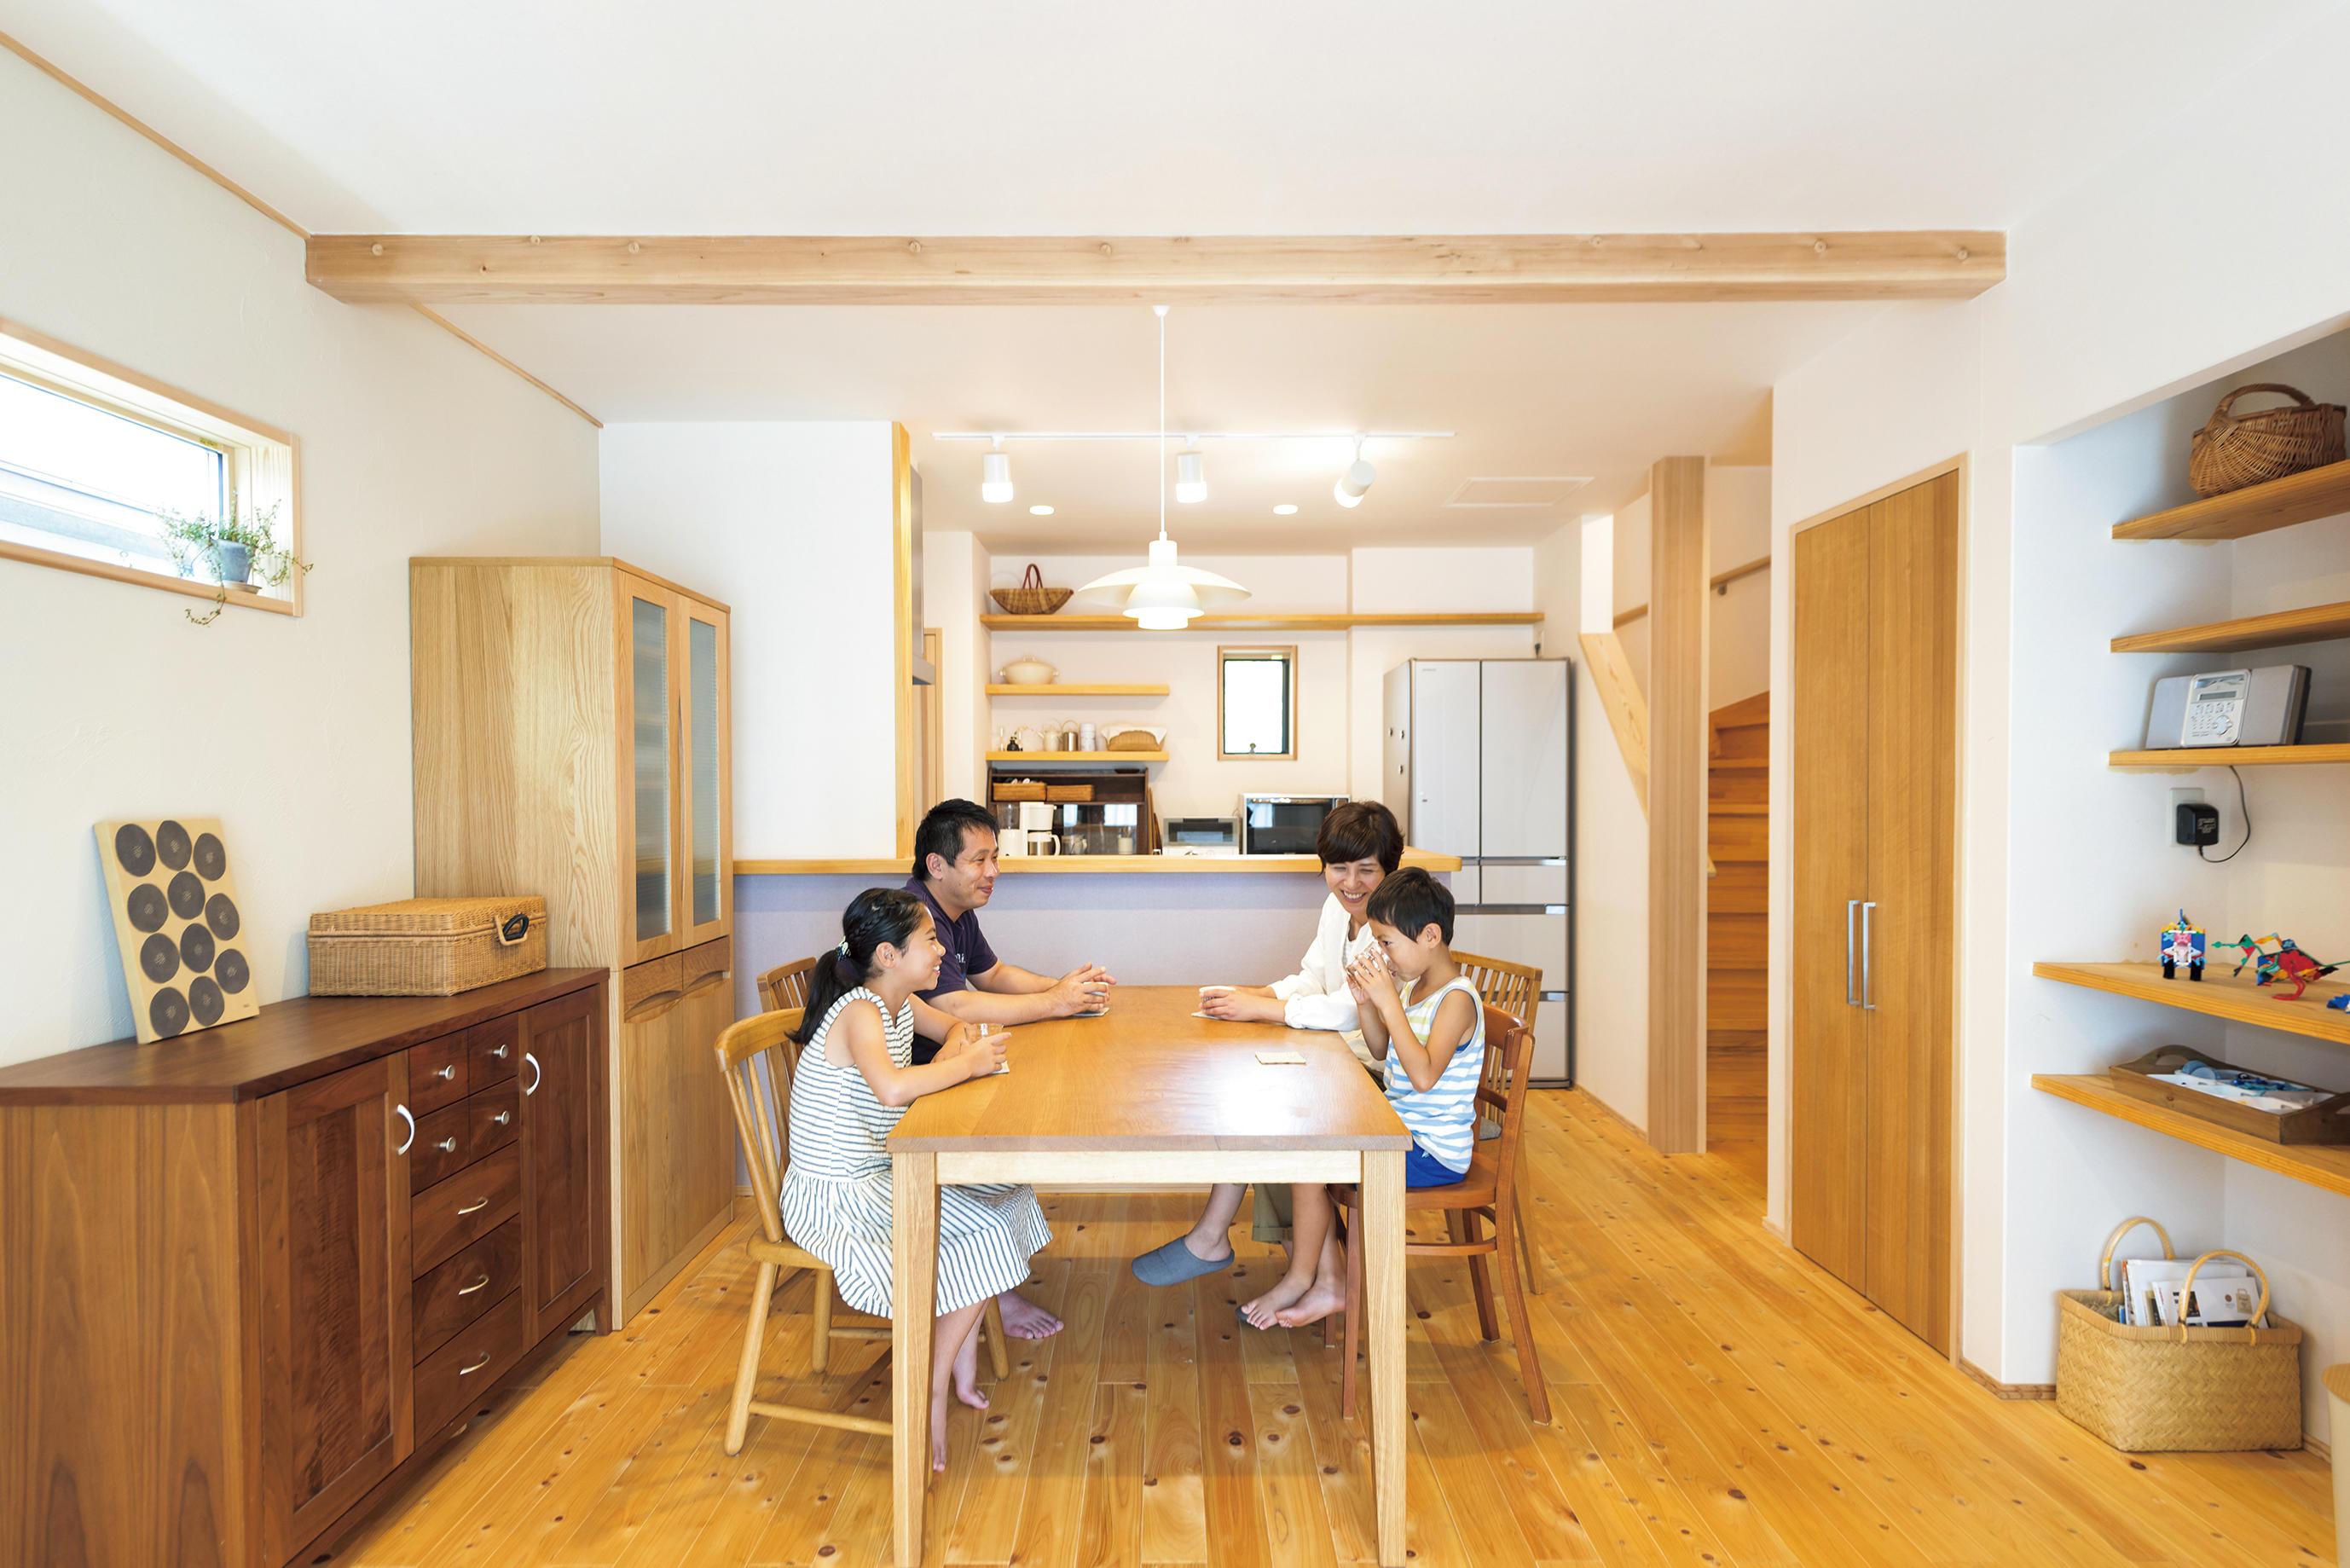 【福岡】木の家リノベーション完成見学会